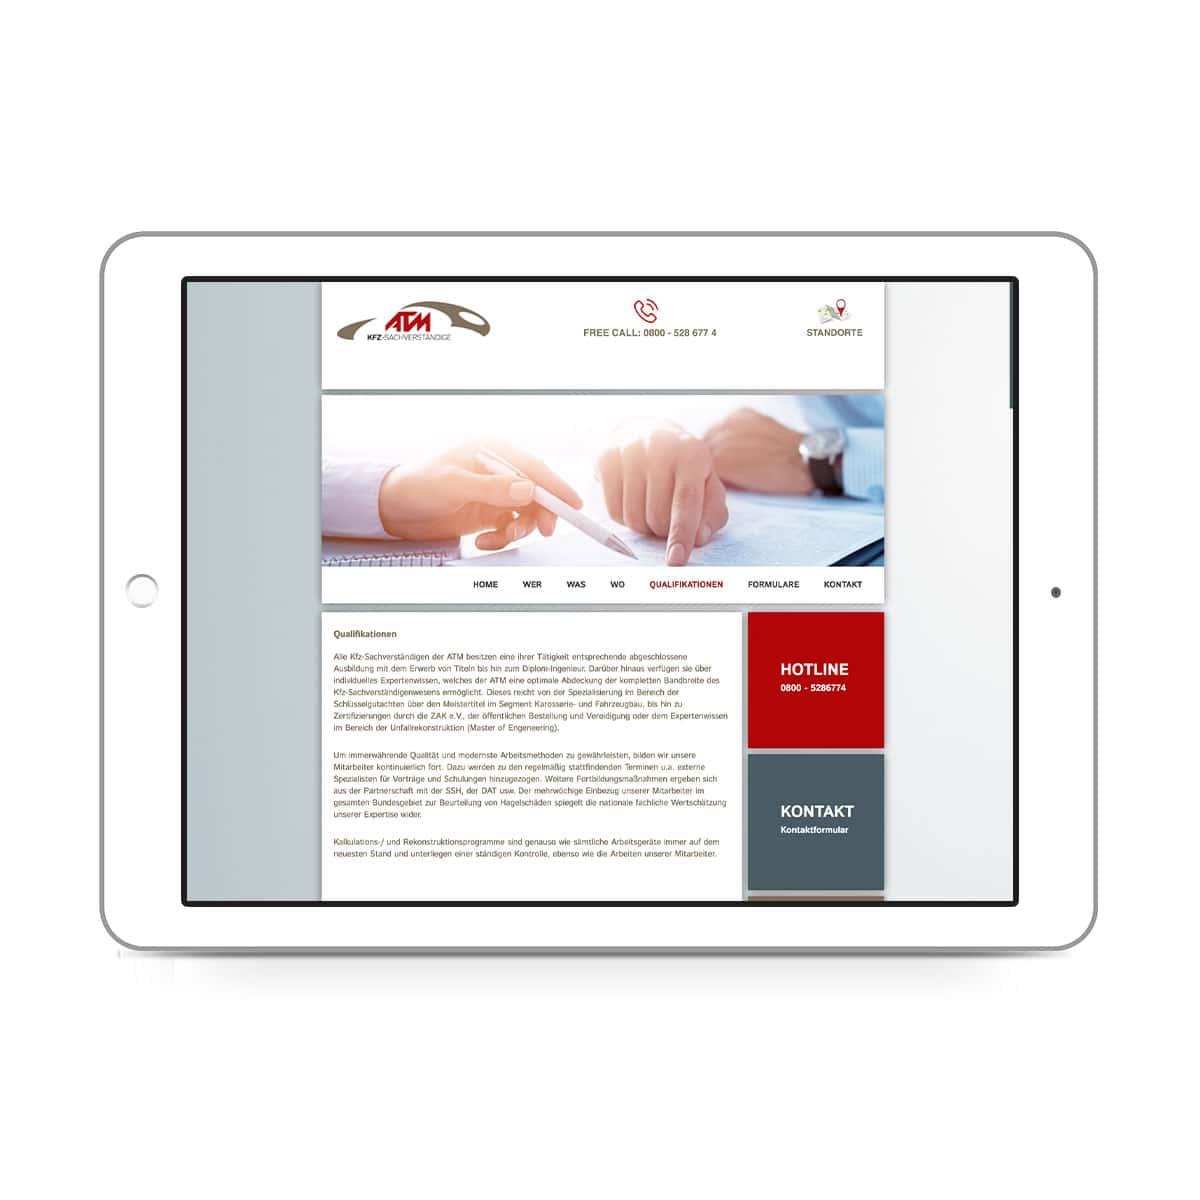 ATM-expert Dipl.-Ing. Staisch GmbH - Qualifikationen